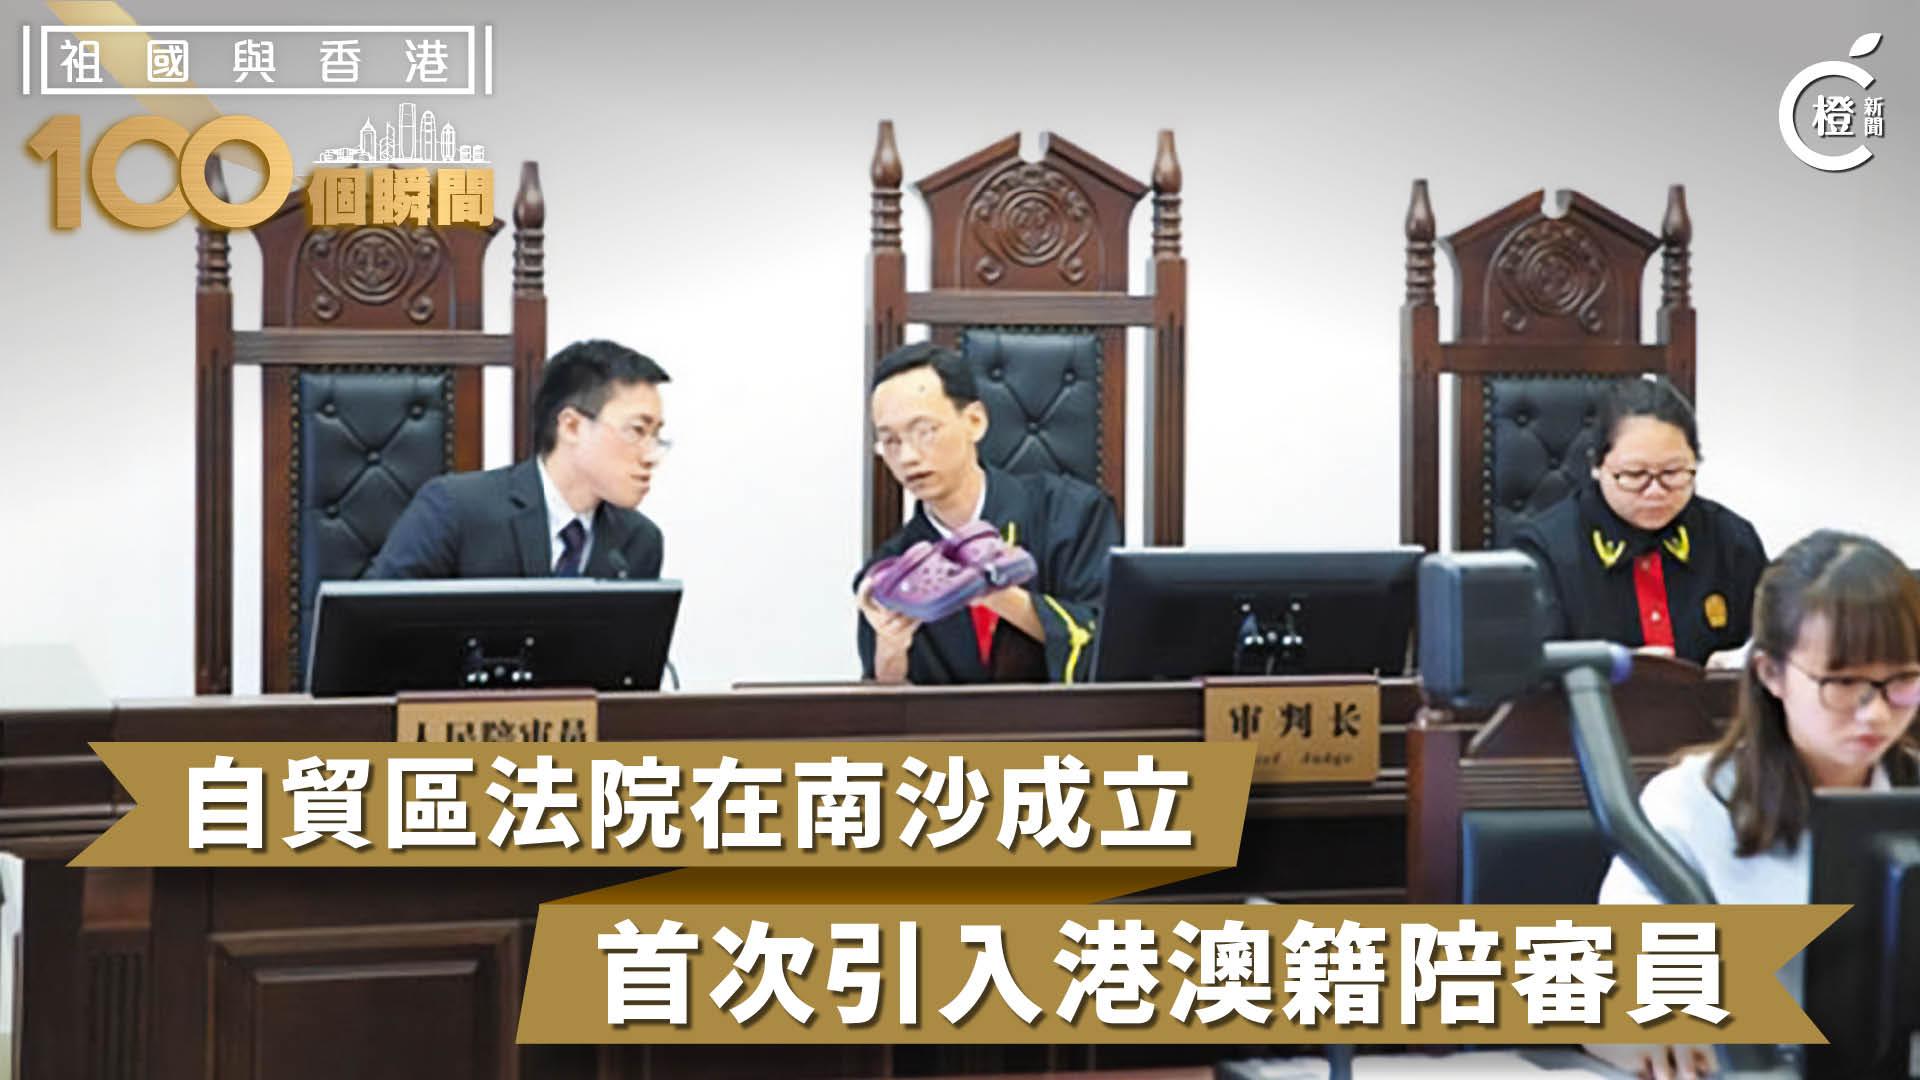 【祖國與香港100個瞬間】南沙成立自貿區法院 首次引入港澳籍陪審員